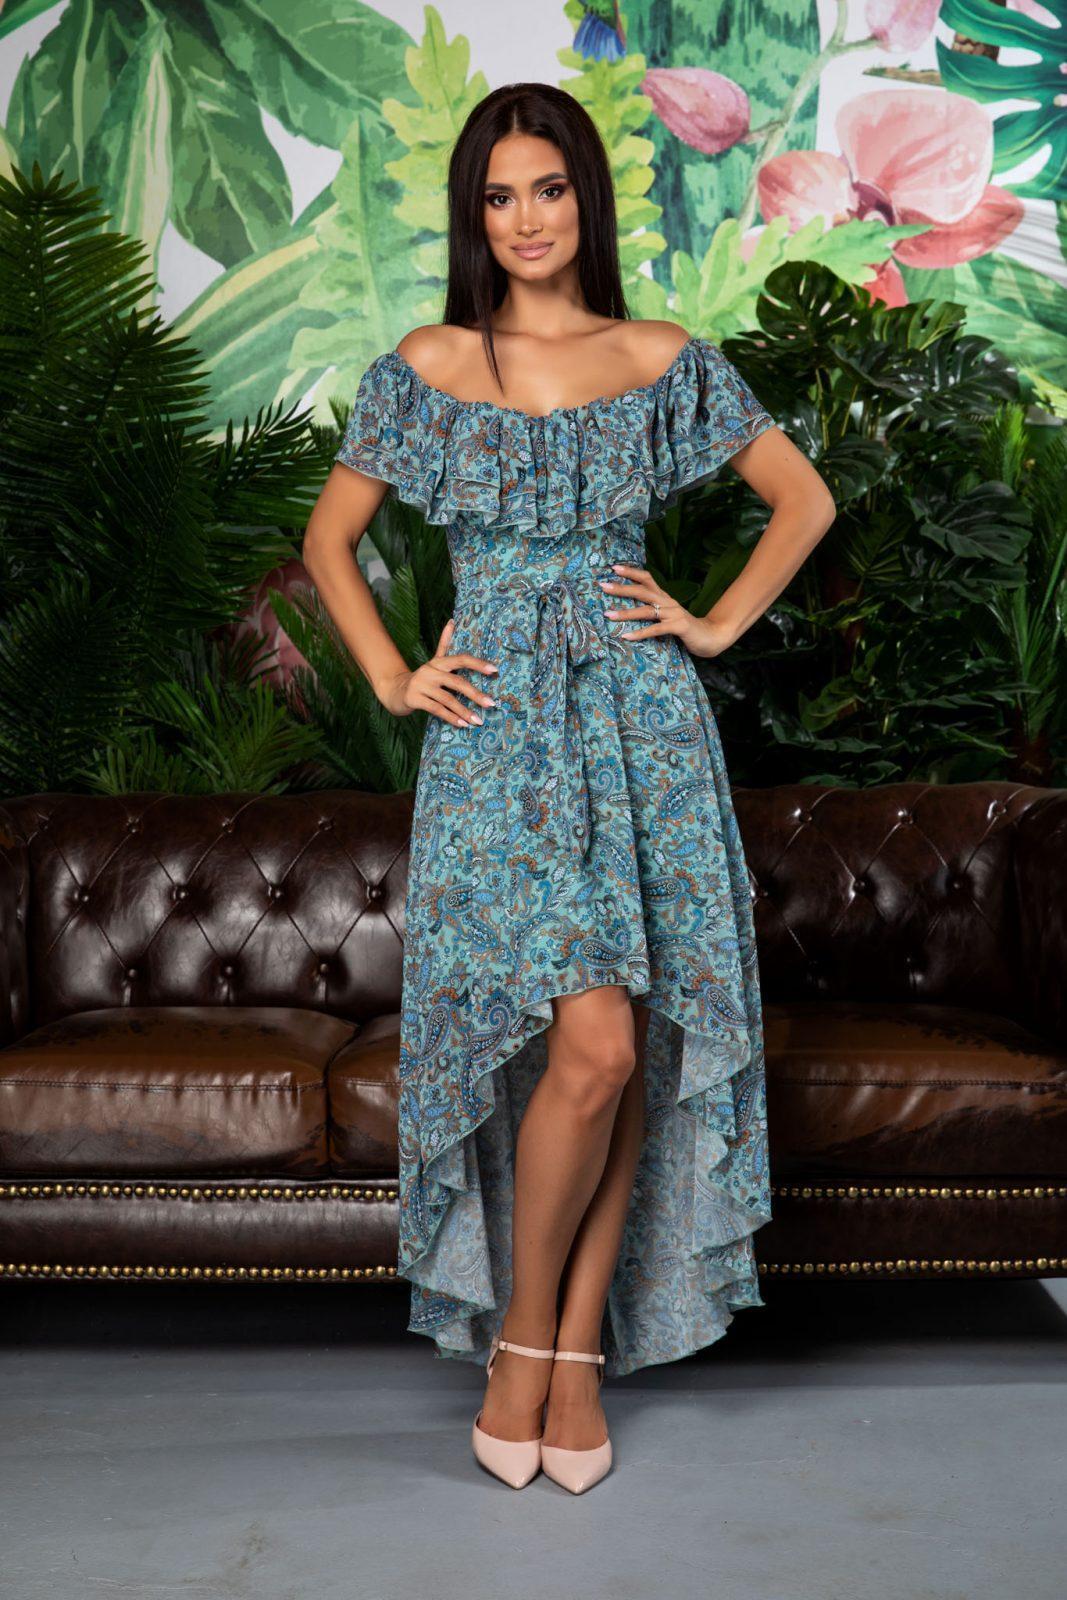 Φόρεμα Λαχούρι Με Βολάν Yolanda A292 2